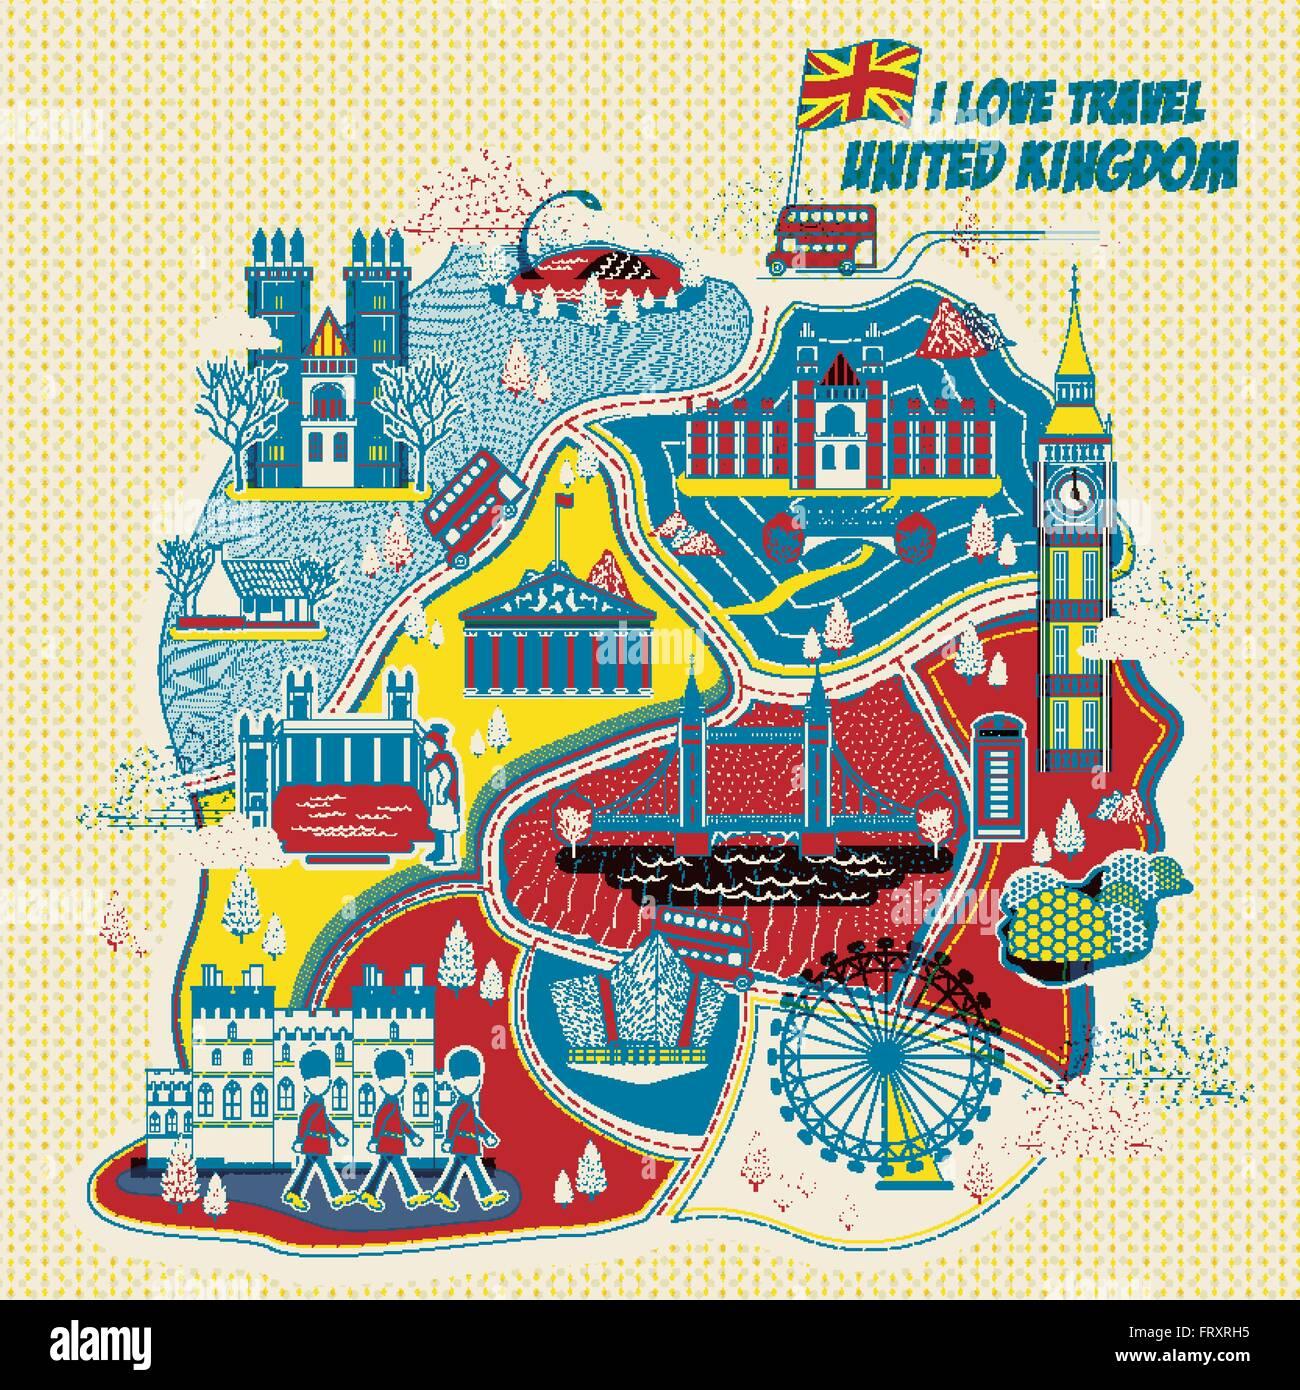 Sehenswürdigkeiten Großbritannien Karte.Schöne Großbritannien Sehenswürdigkeiten Karte Im Stil Vektor